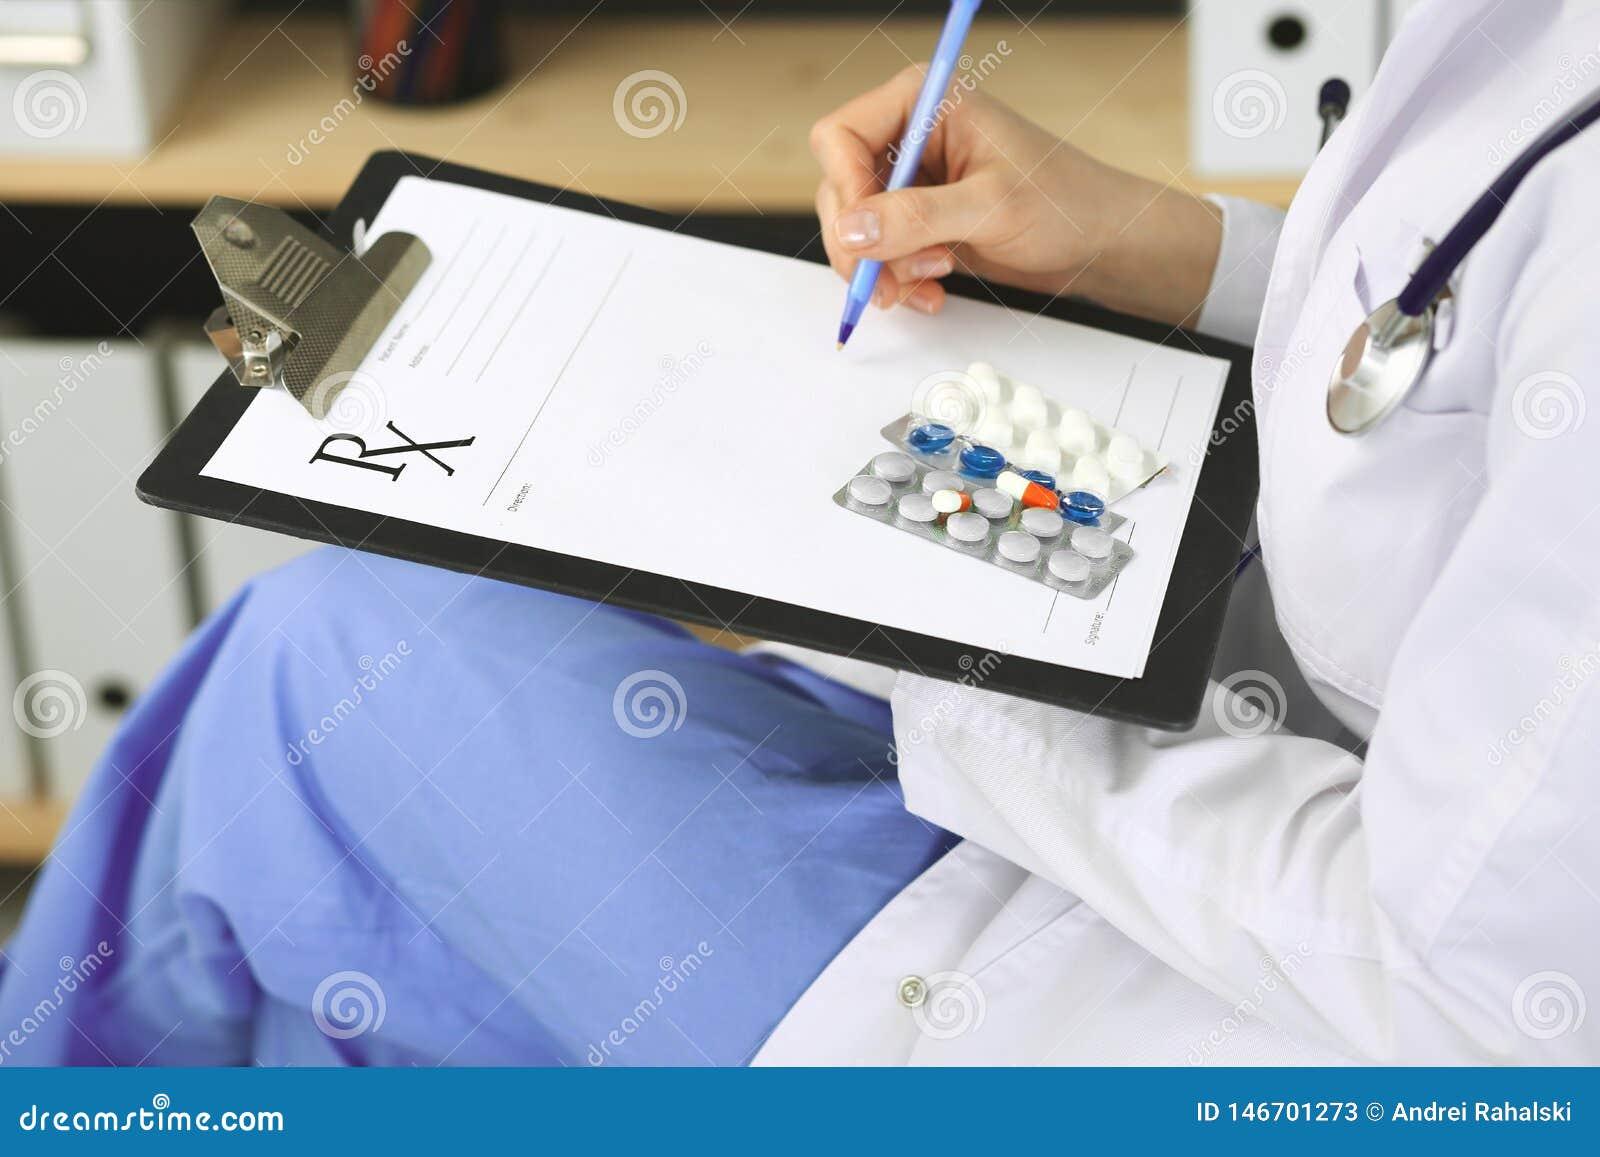 Unbekannte ?rztin bei der Arbeit am Krankenhaus Pillen am medizinischen Klemmbrett Junger weiblicher Arzt Verordnung schreiben od